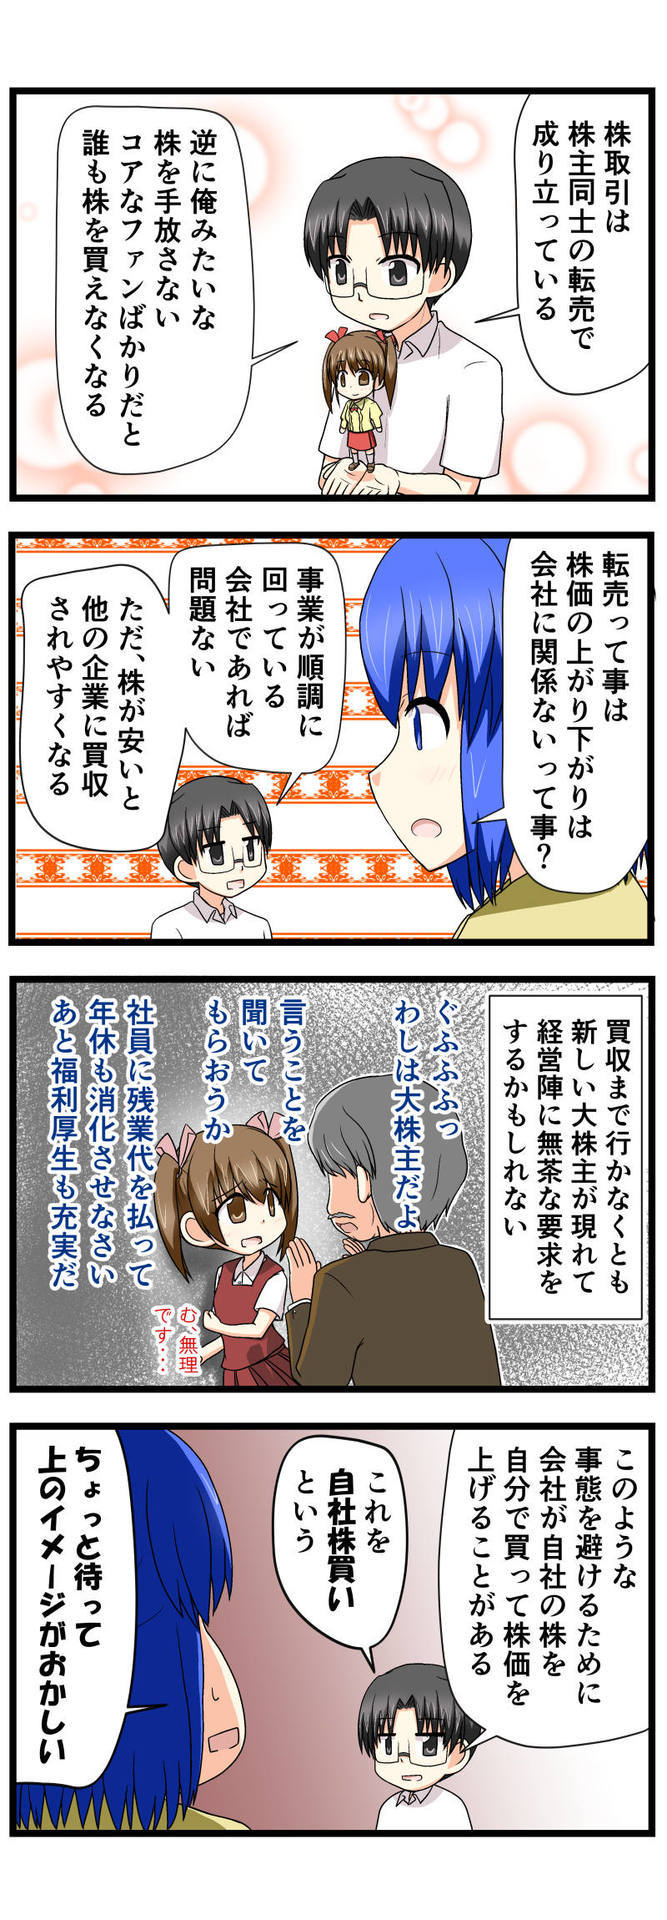 萌える株セミナー31.jpg